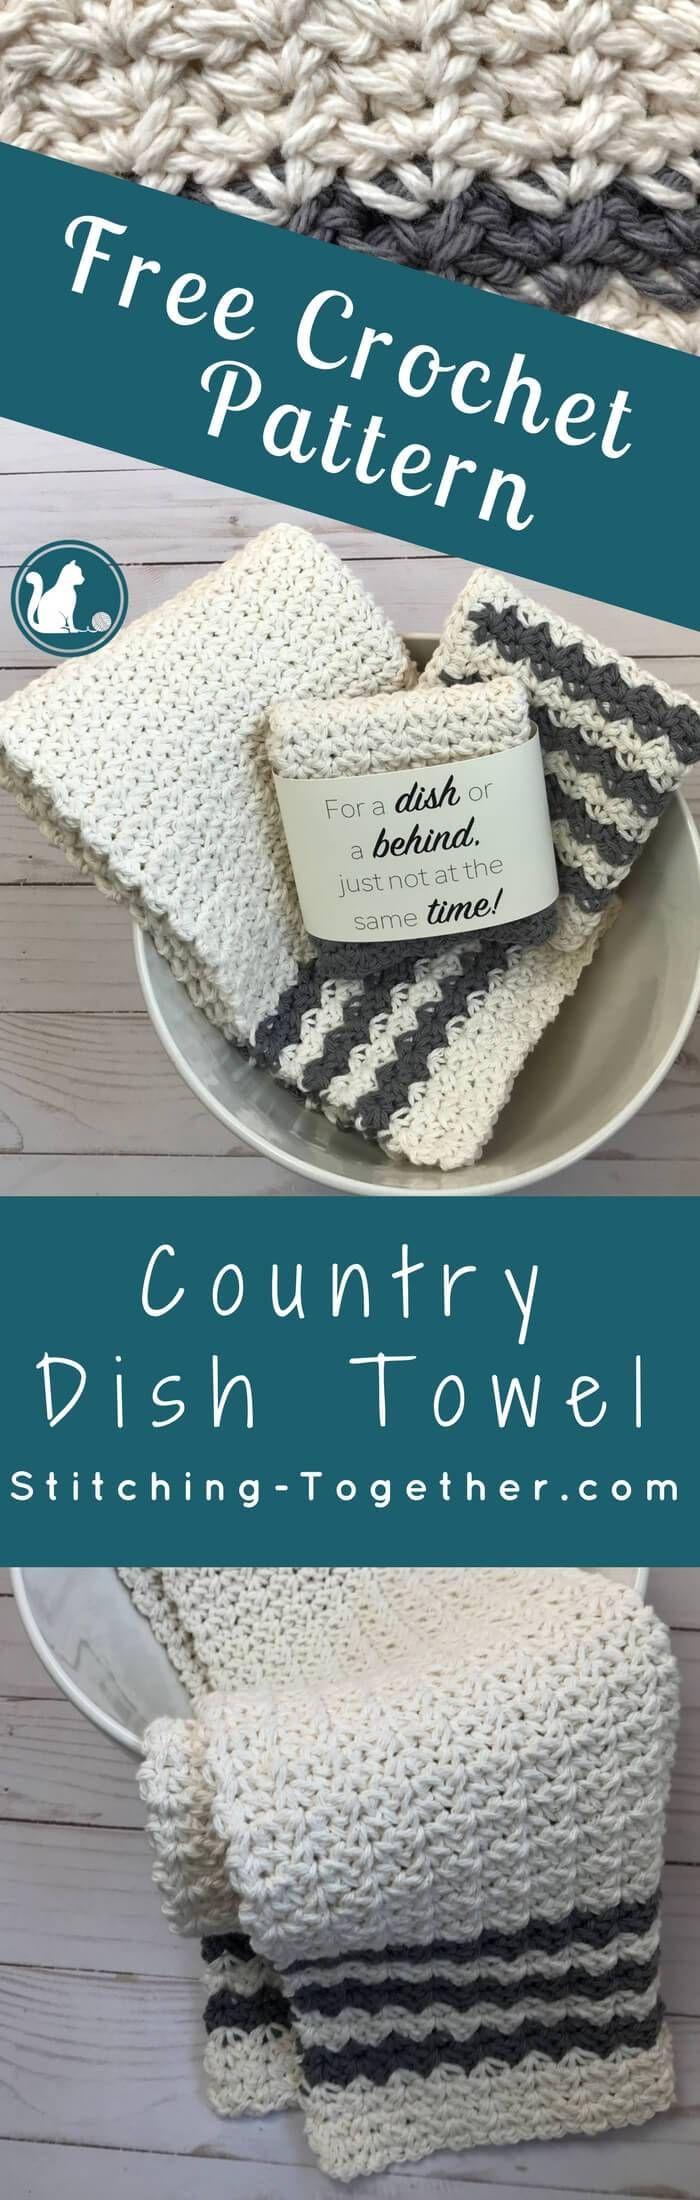 2156 best Kitchen Crochet images on Pinterest   Children, Creative ...